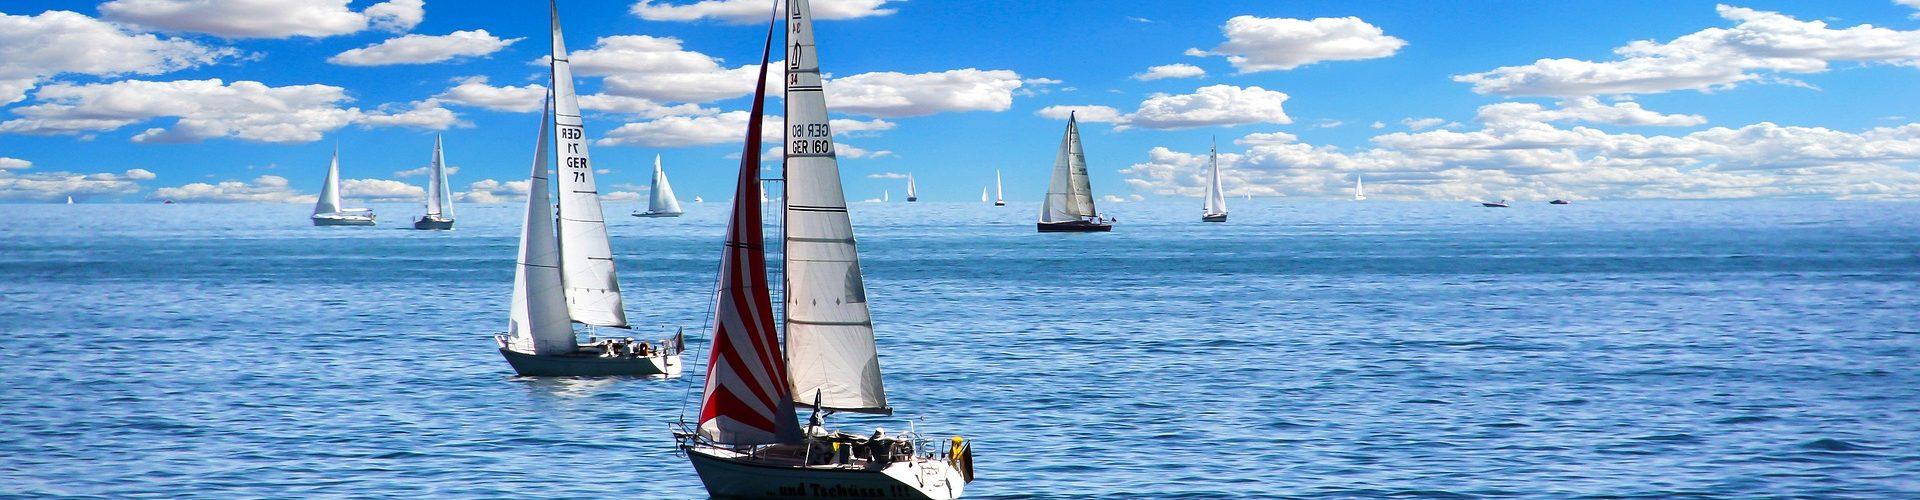 segeln lernen in Löbau segelschein machen in Löbau 1920x500 - Segeln lernen in Löbau